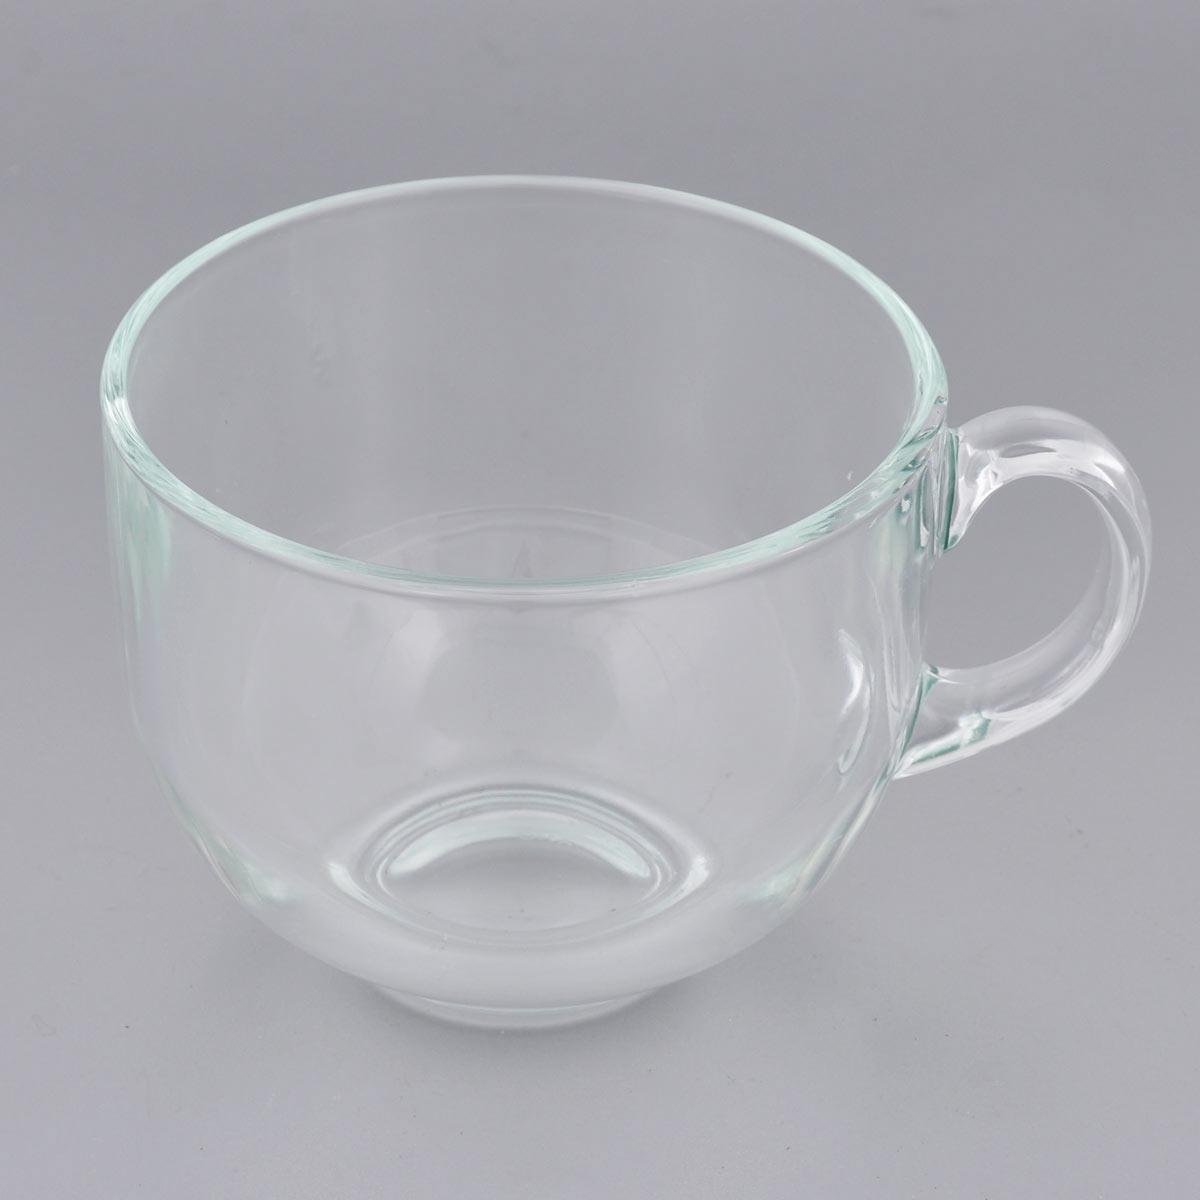 Кружка Luminarc Джамбо, цвет: прозрачный, 500 млH8503Кружка Luminarc Джамбо изготовлена из упрочнённого стекла. Такая кружка прекрасно подойдет для горячих и холодных напитков. Она дополнит коллекцию вашей кухонной посуды и будет служить долгие годы.Можно использовать в посудомоечной машине и СВЧ.Объем кружки: 500 мл.Диаметр кружки (по верхнему краю): 10,5 см.Высота стенки кружки: 8,5 см.